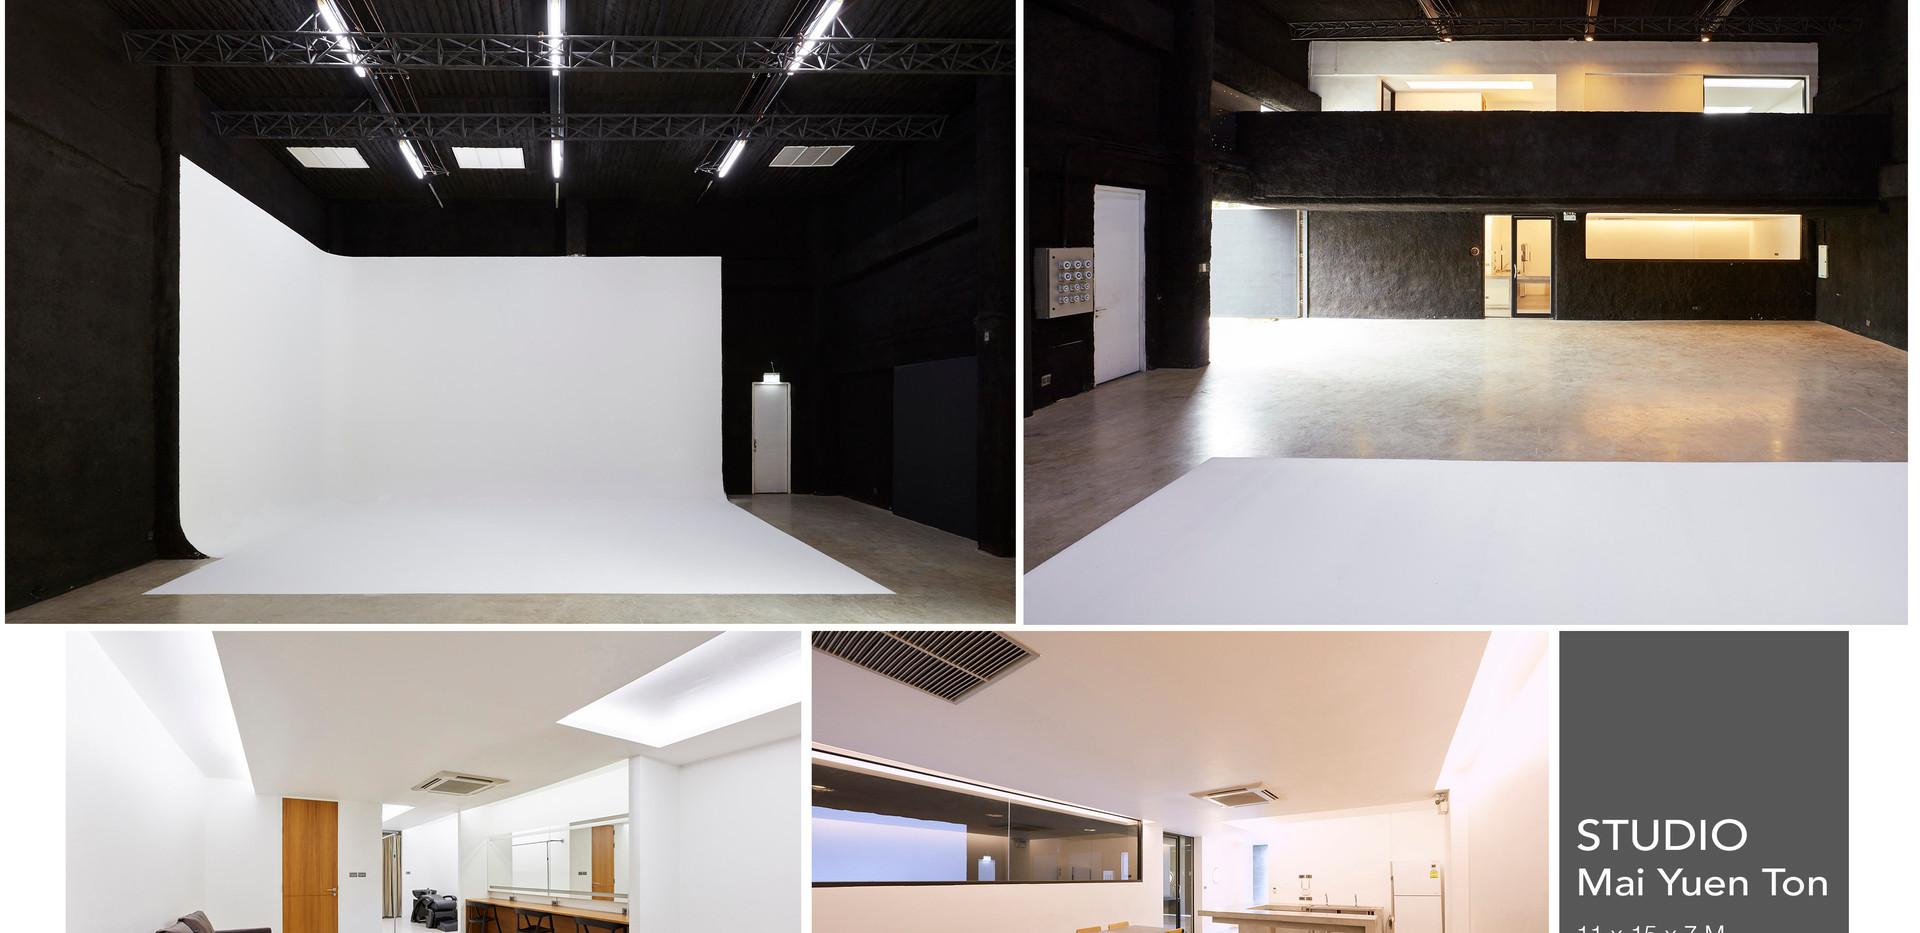 Studio Mai Yuen Ton_3.jpg